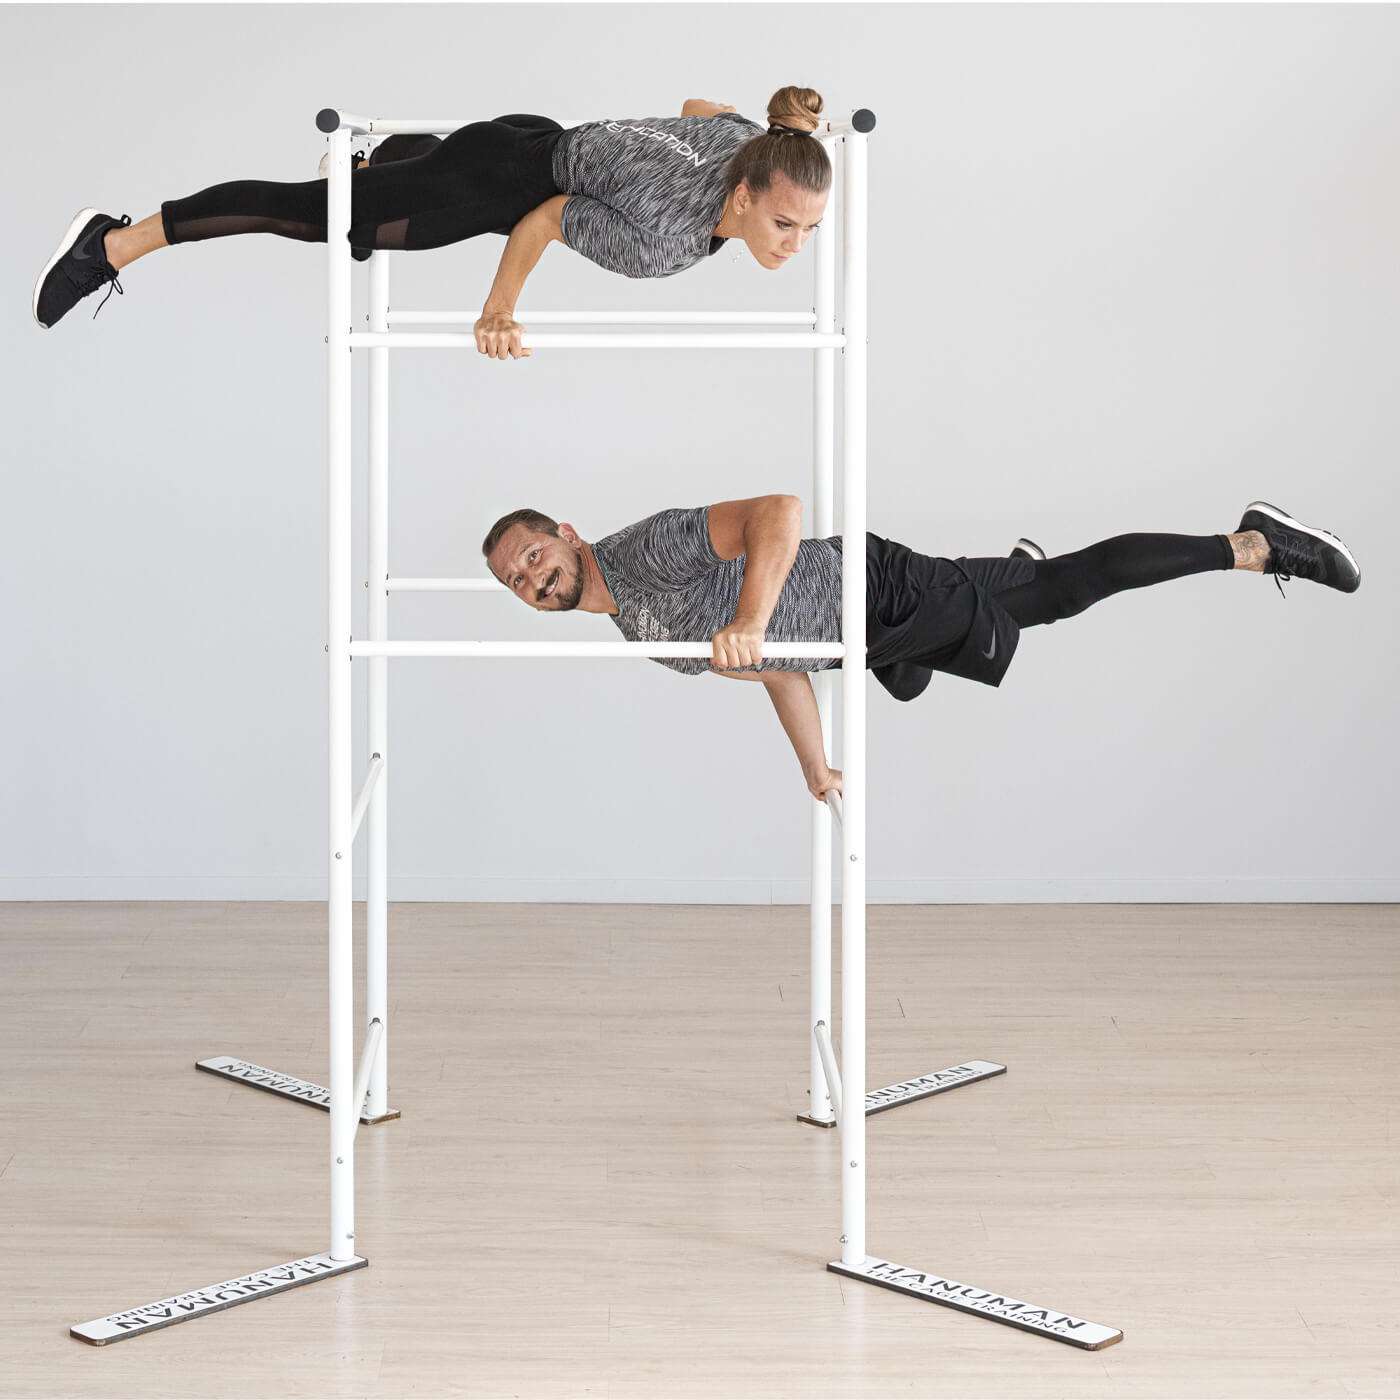 equipements sportif fitness hanuman